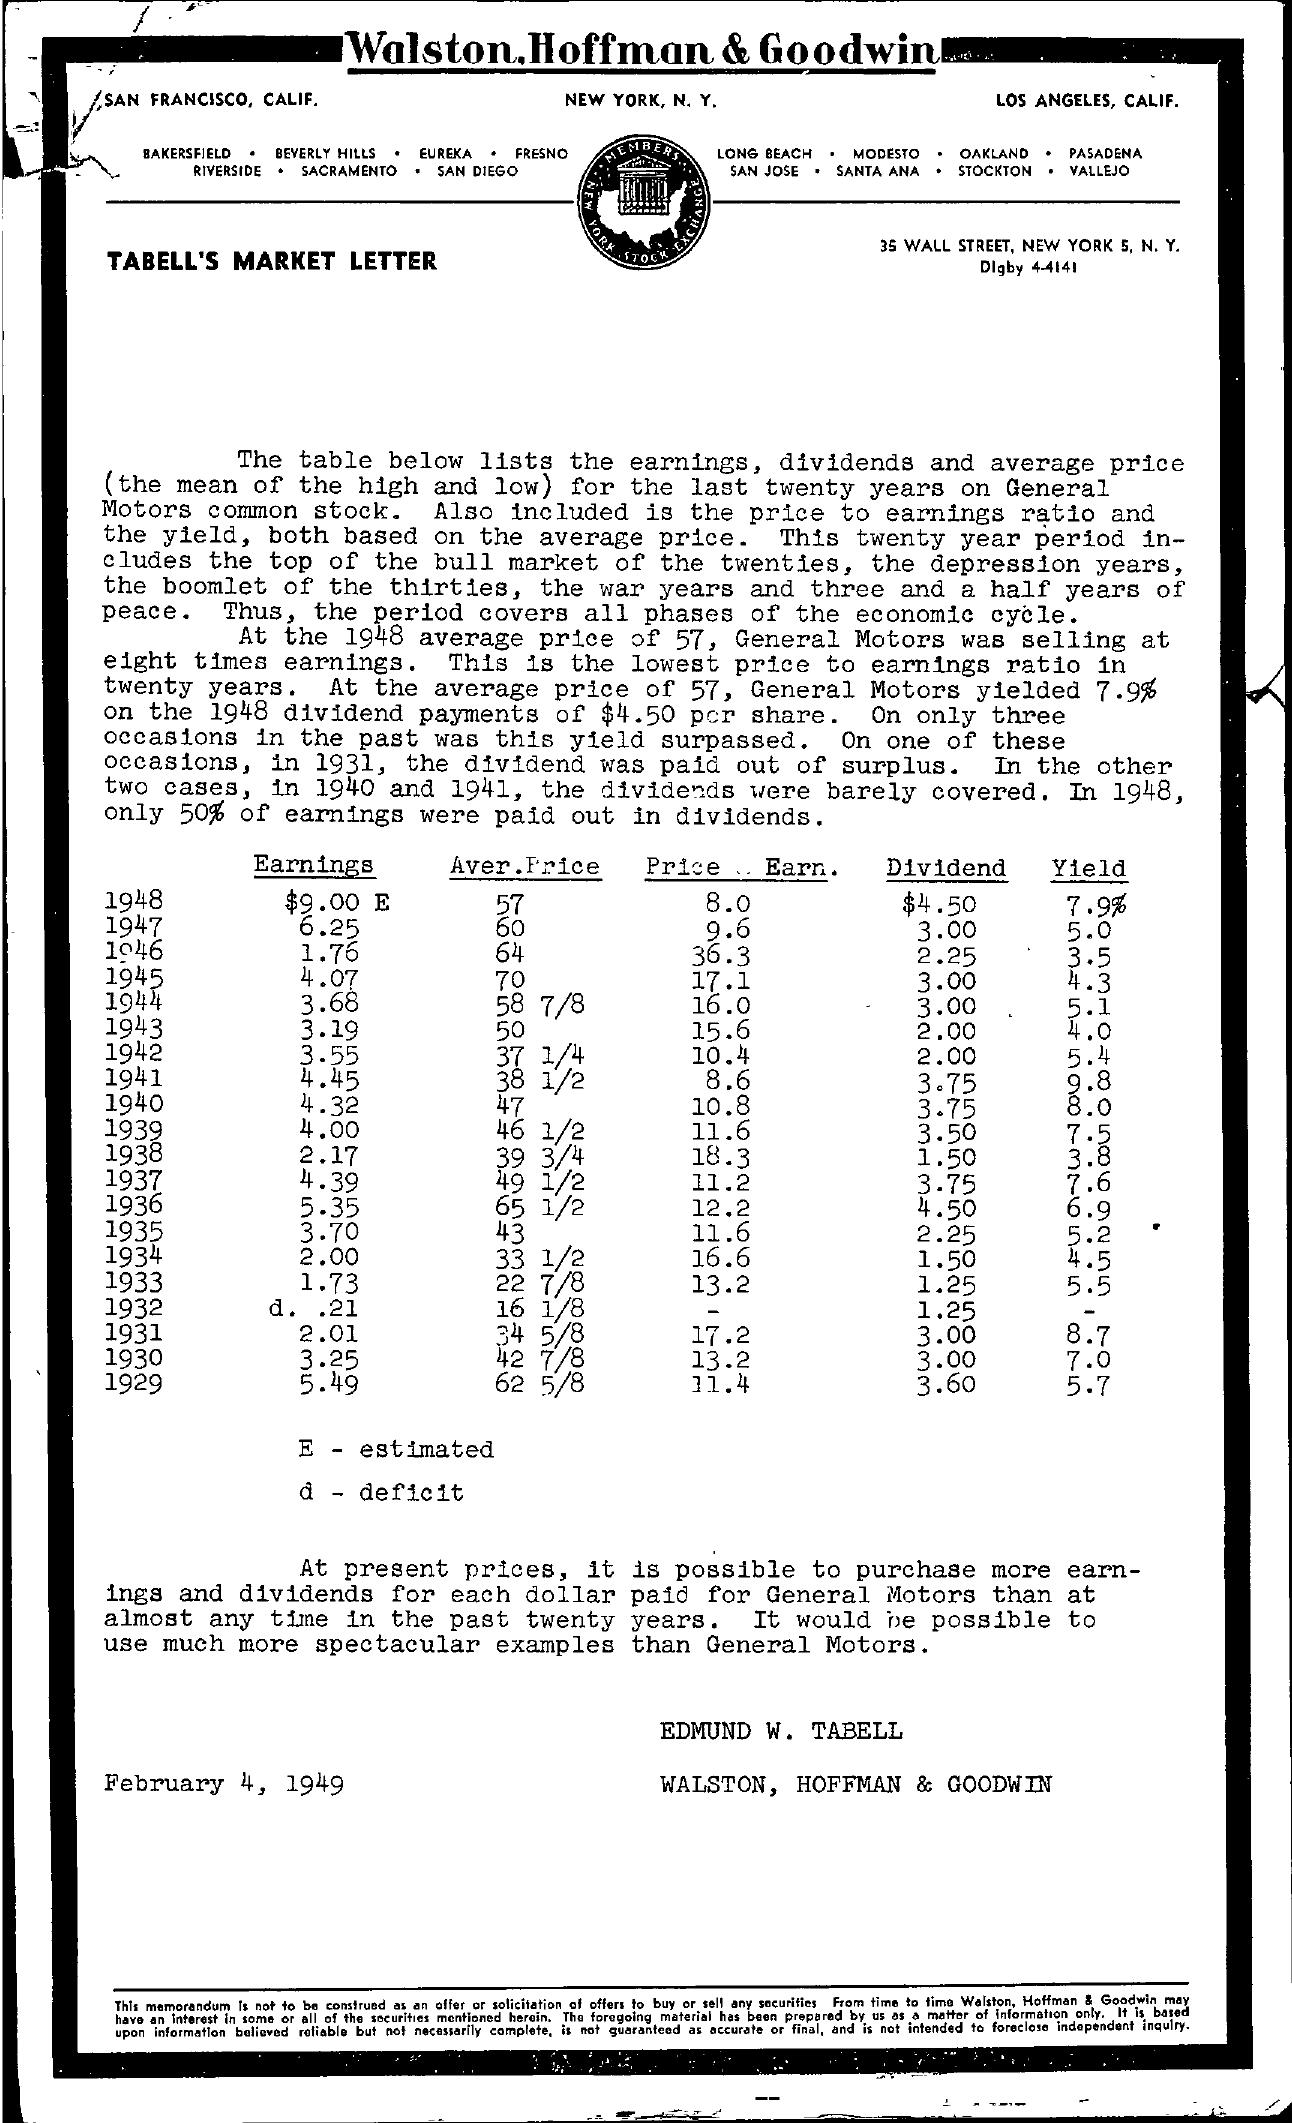 Tabell's Market Letter - February 04, 1949